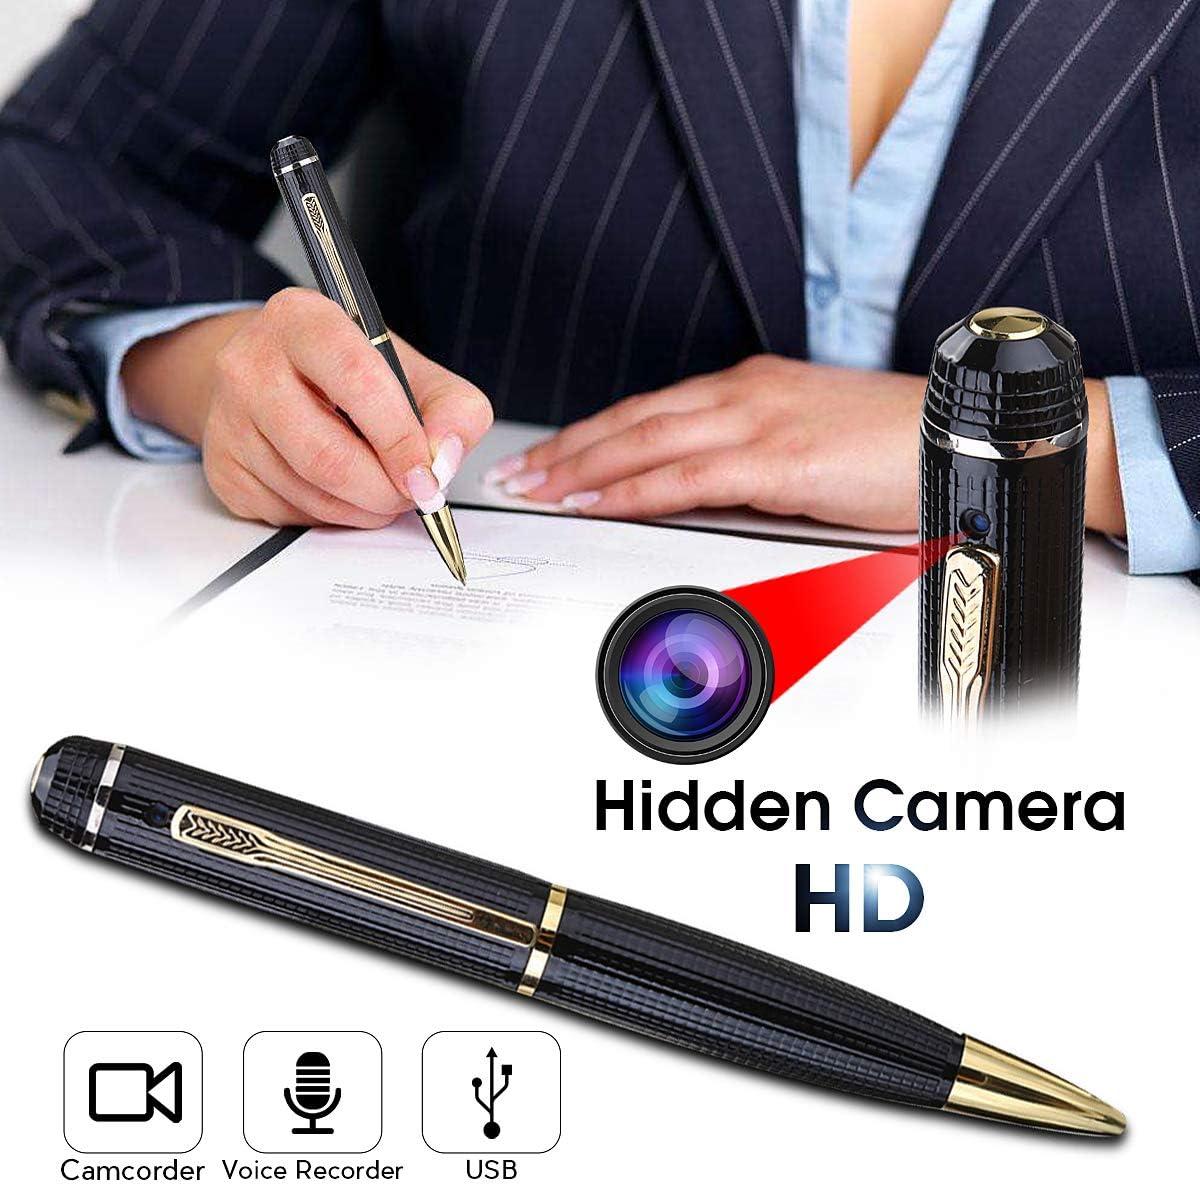 color negro y dorado foto y v/ídeo HD Bol/ígrafo con c/ámara de esp/ía y grabadora de Audio